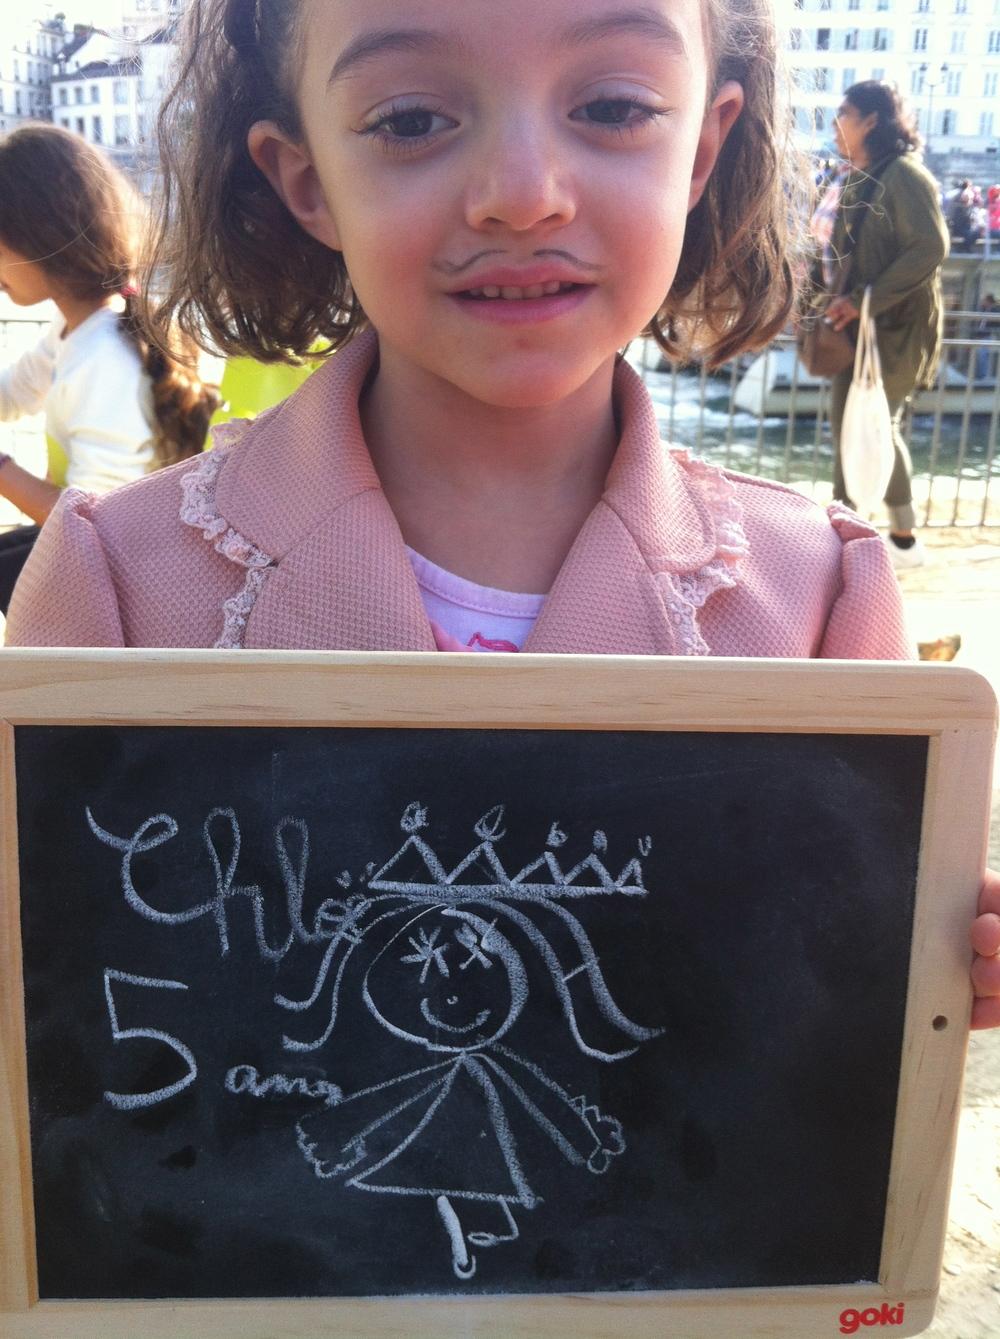 Chloé 5 ans veut s'améliorer en danse